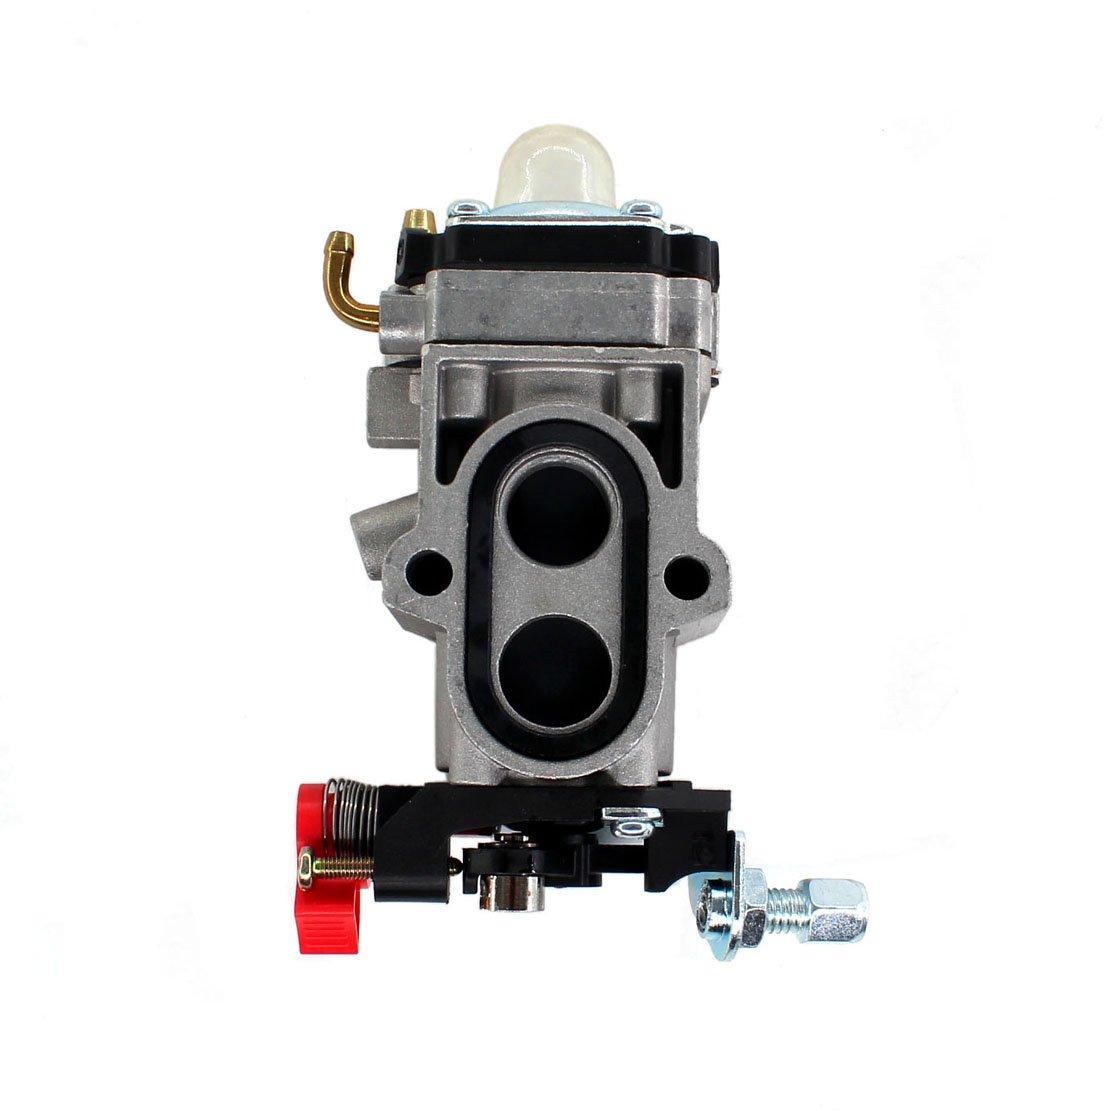 Uspeeda Carburetor For Redmax Ebz7500 Back Pack Blower Genuine Oem Mtd Troybilt 7531225 X3 Replace 581156101 544363001 Fuel Line Garden Outdoor